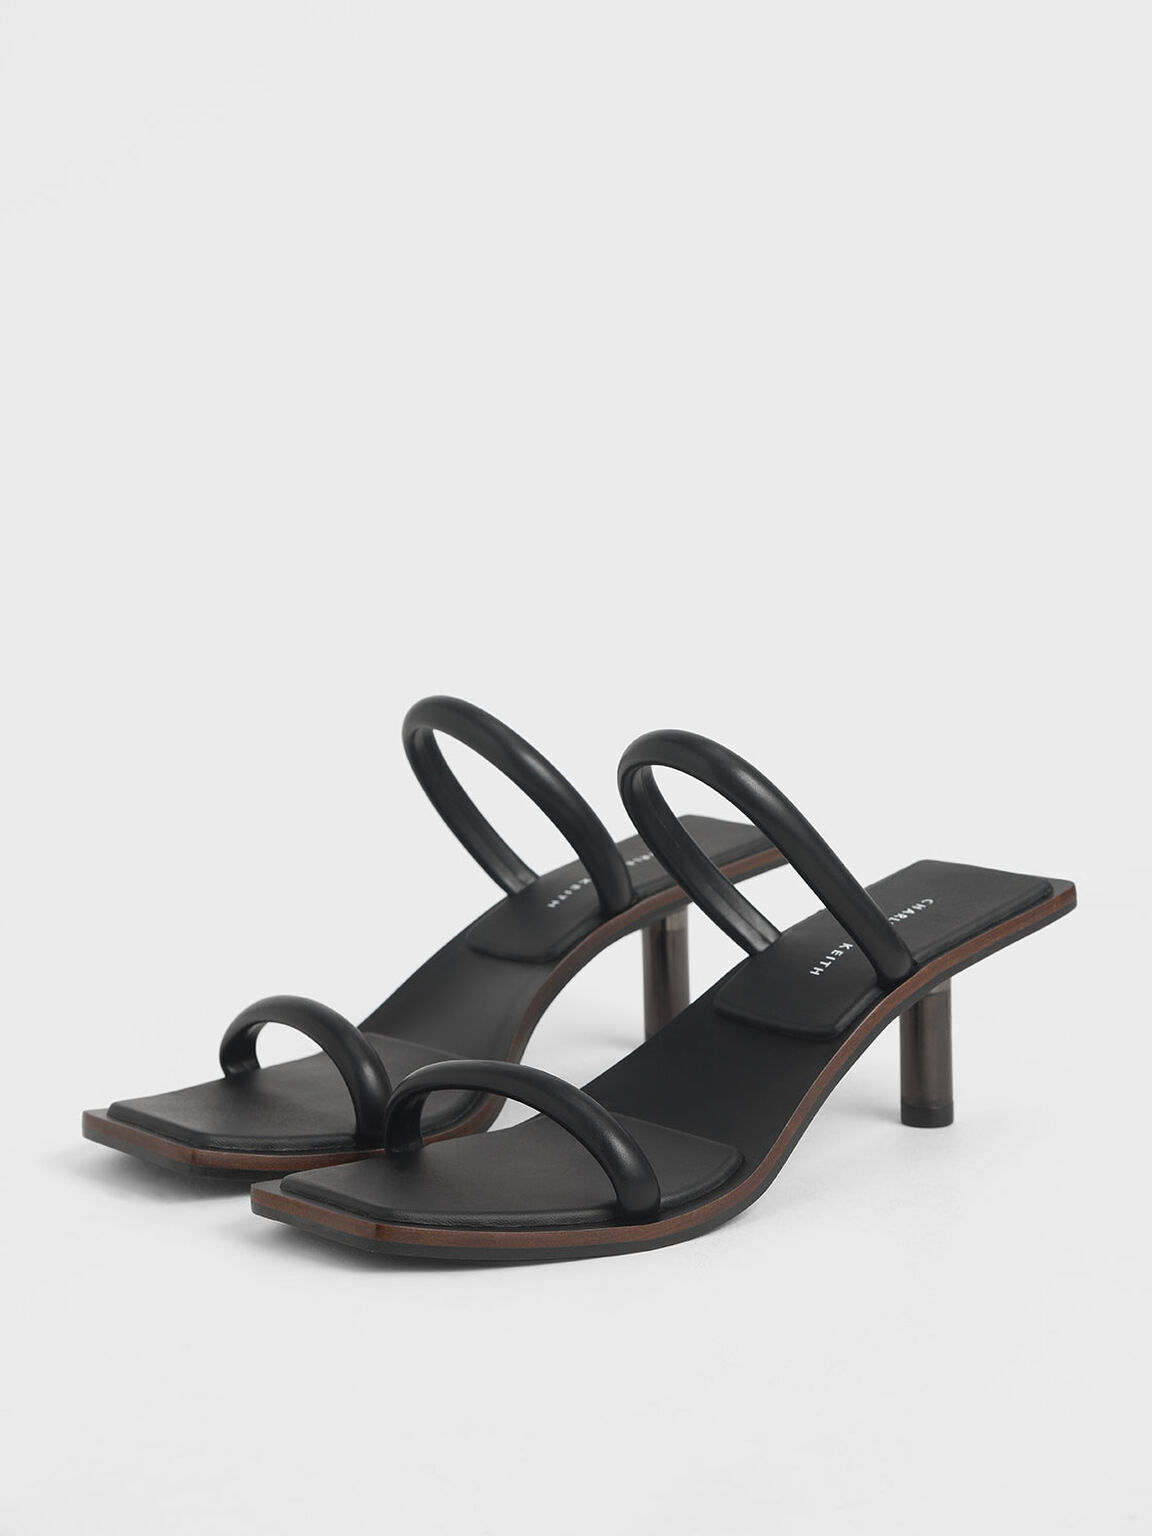 Tubular Strap Heeled Sandals, Black, hi-res